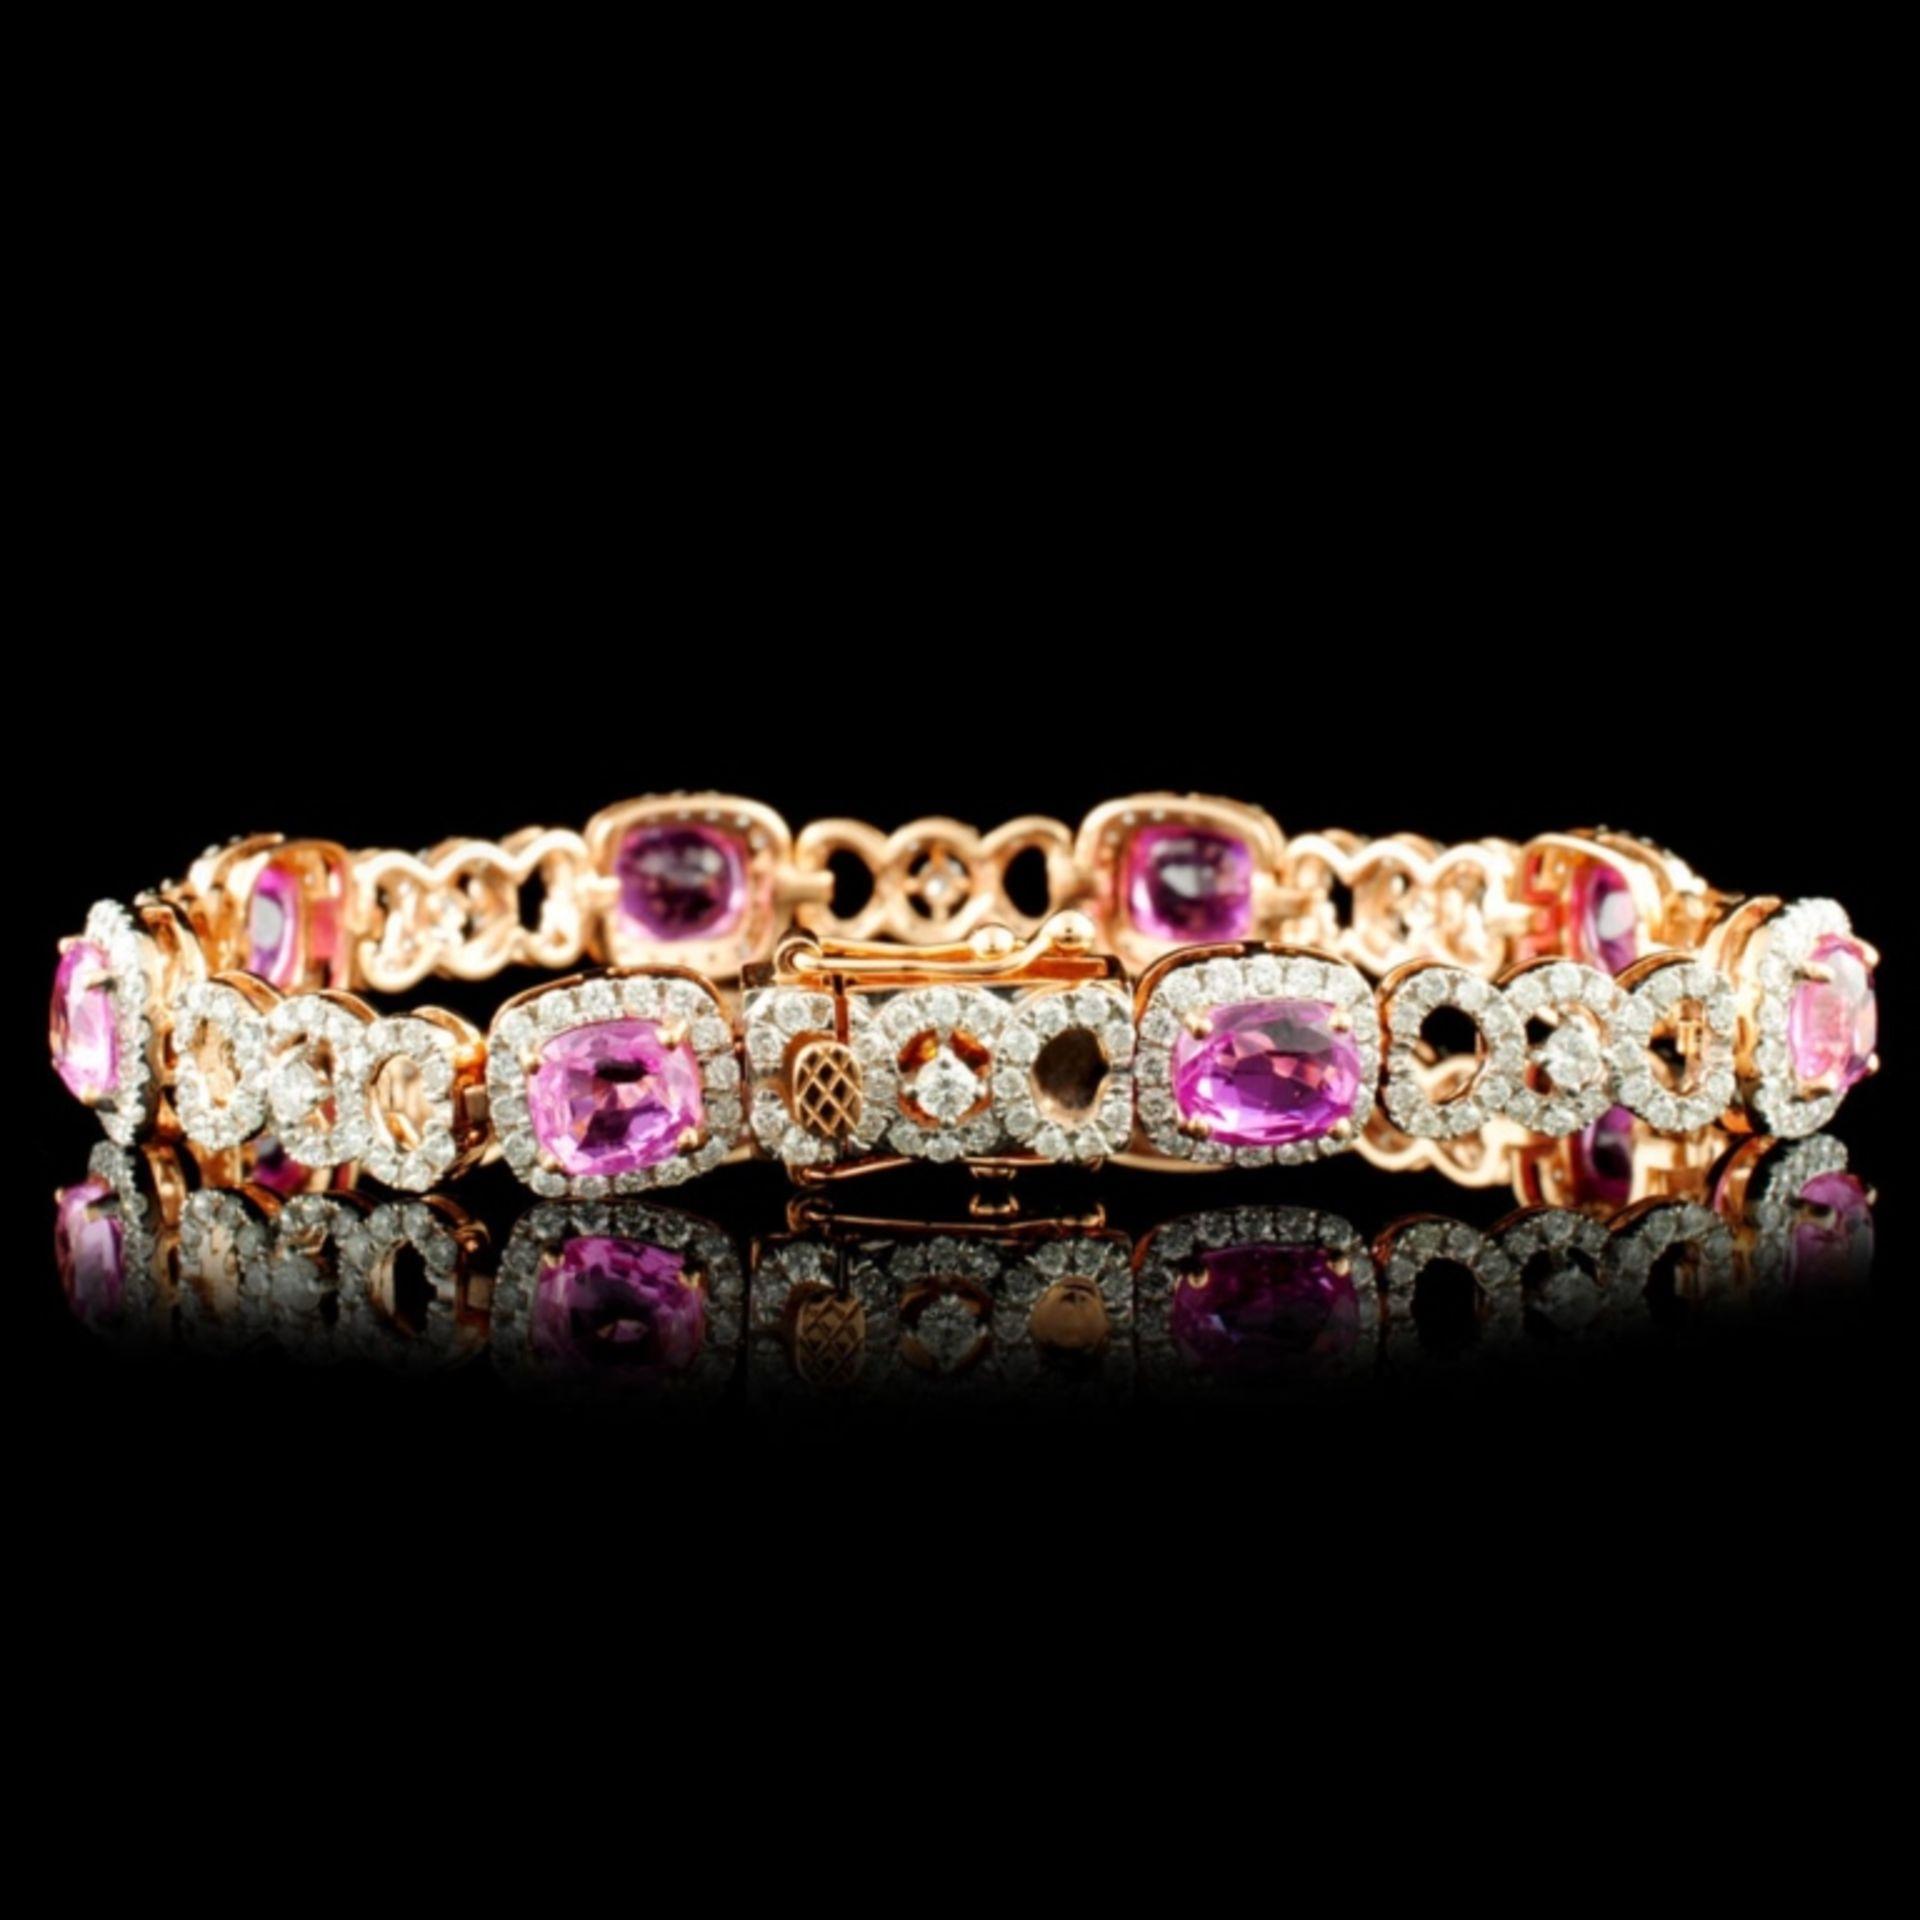 18K Gold 11.04ct Sapphire & 2.69ctw Diamond Bracel - Image 2 of 4